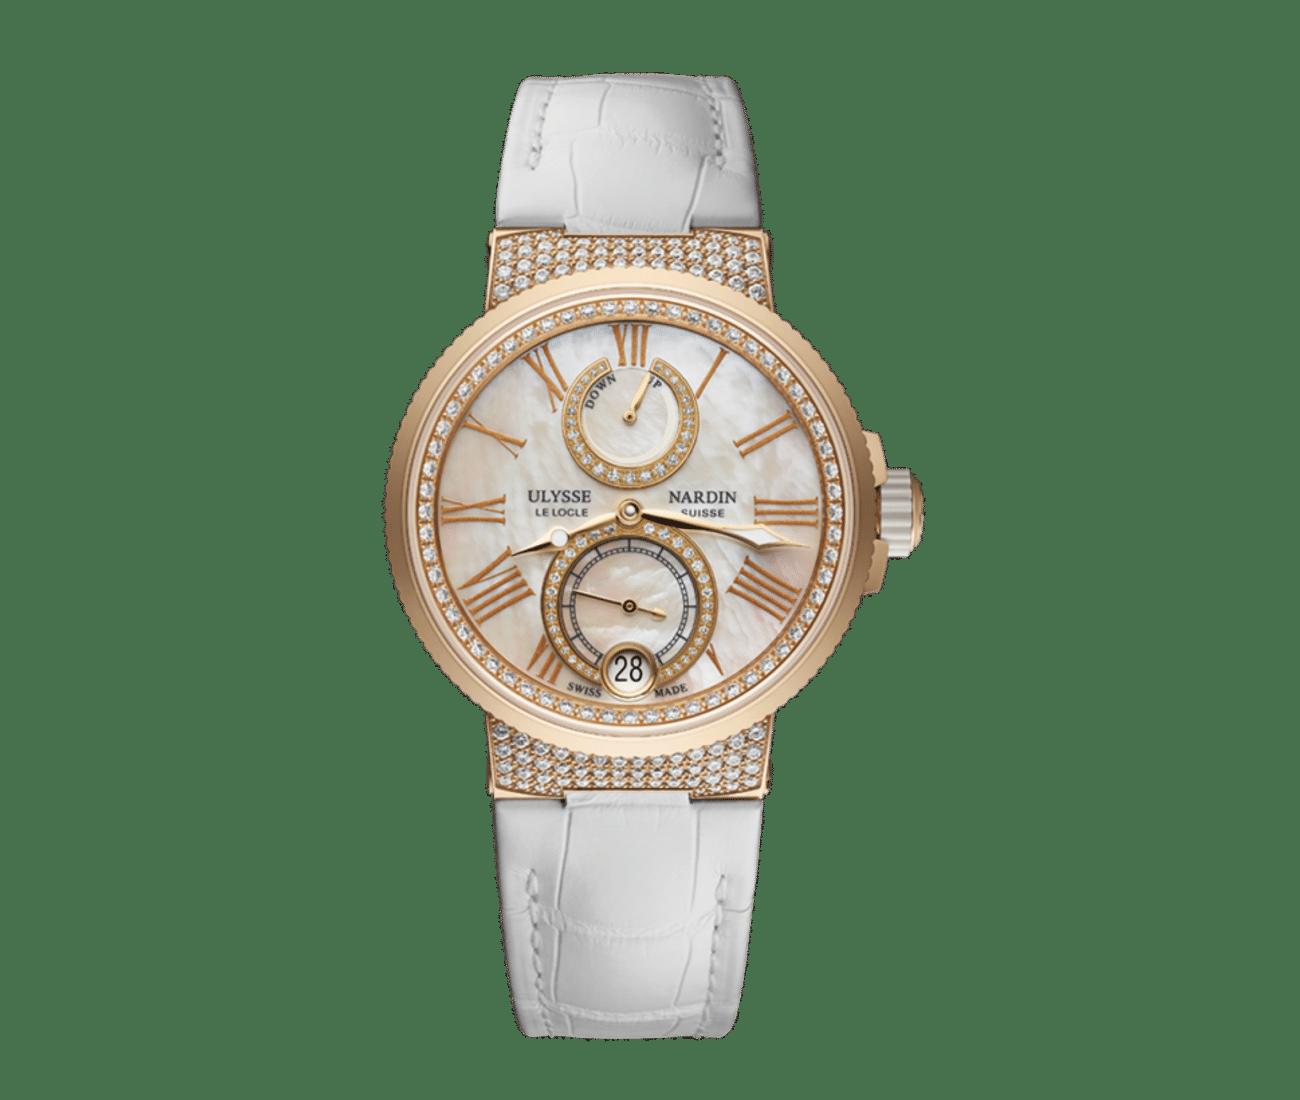 Marine Lady Chronometer